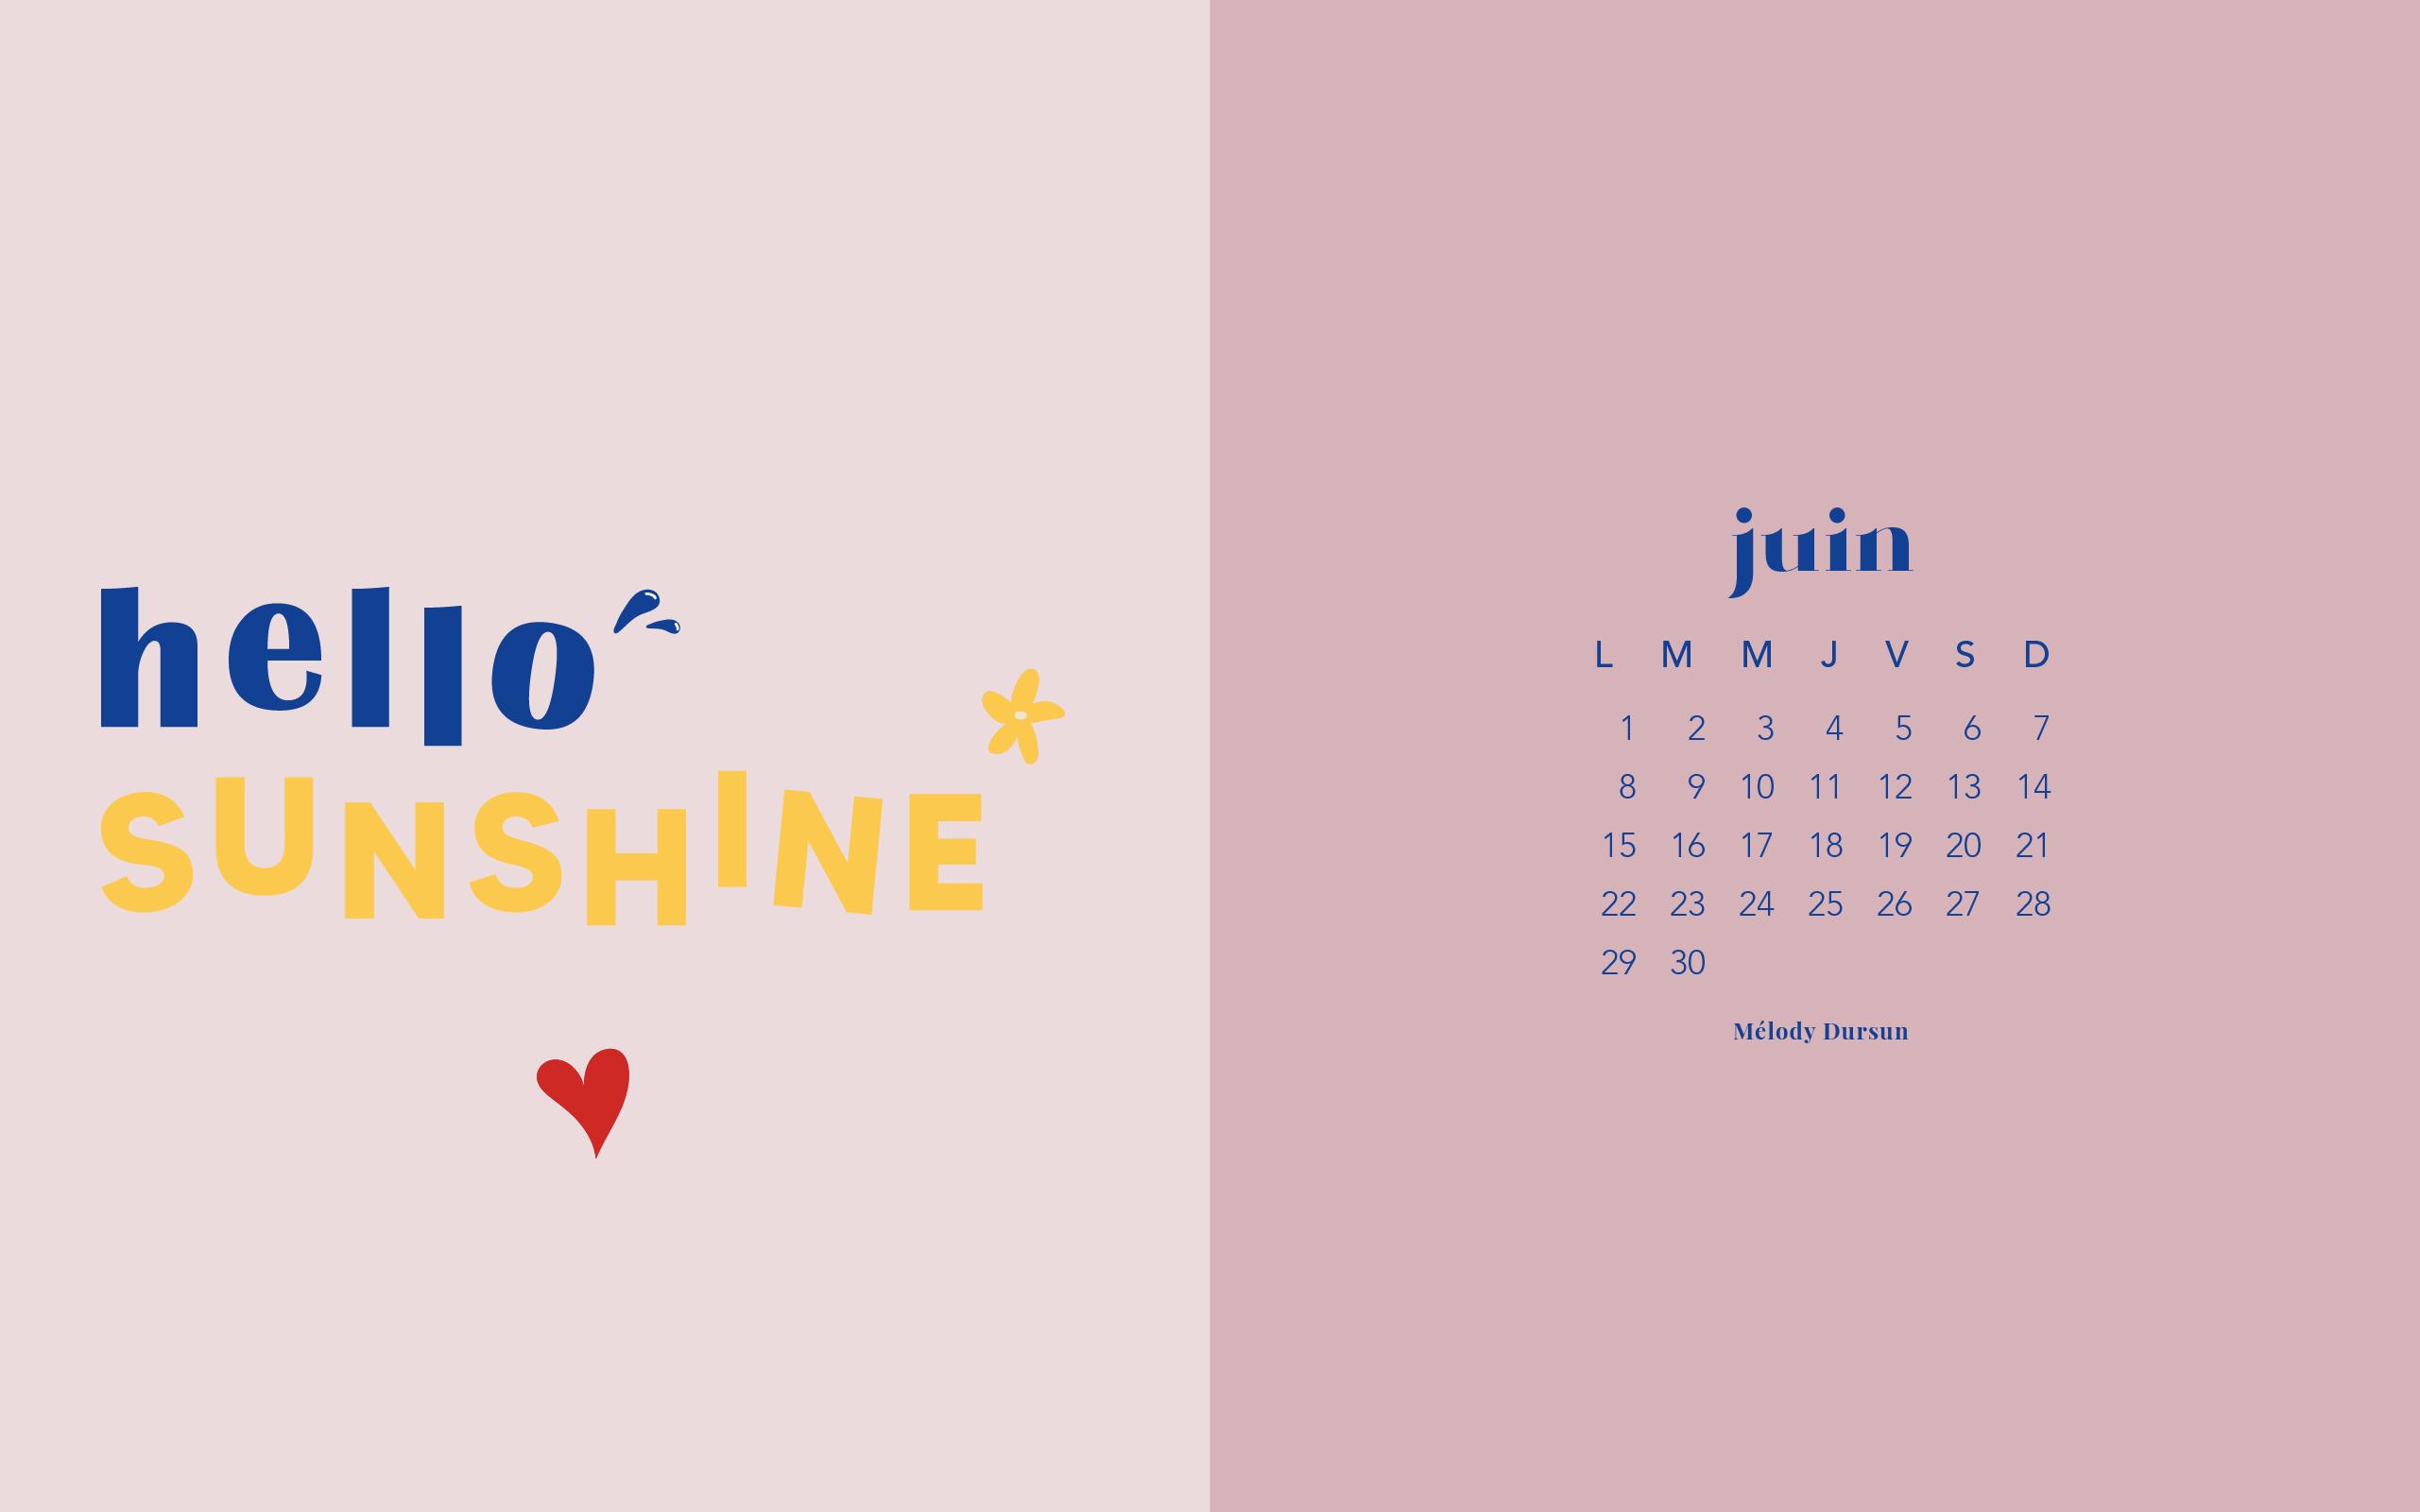 olecoeur-melodydursun-calendrier-juin2020_Desktop